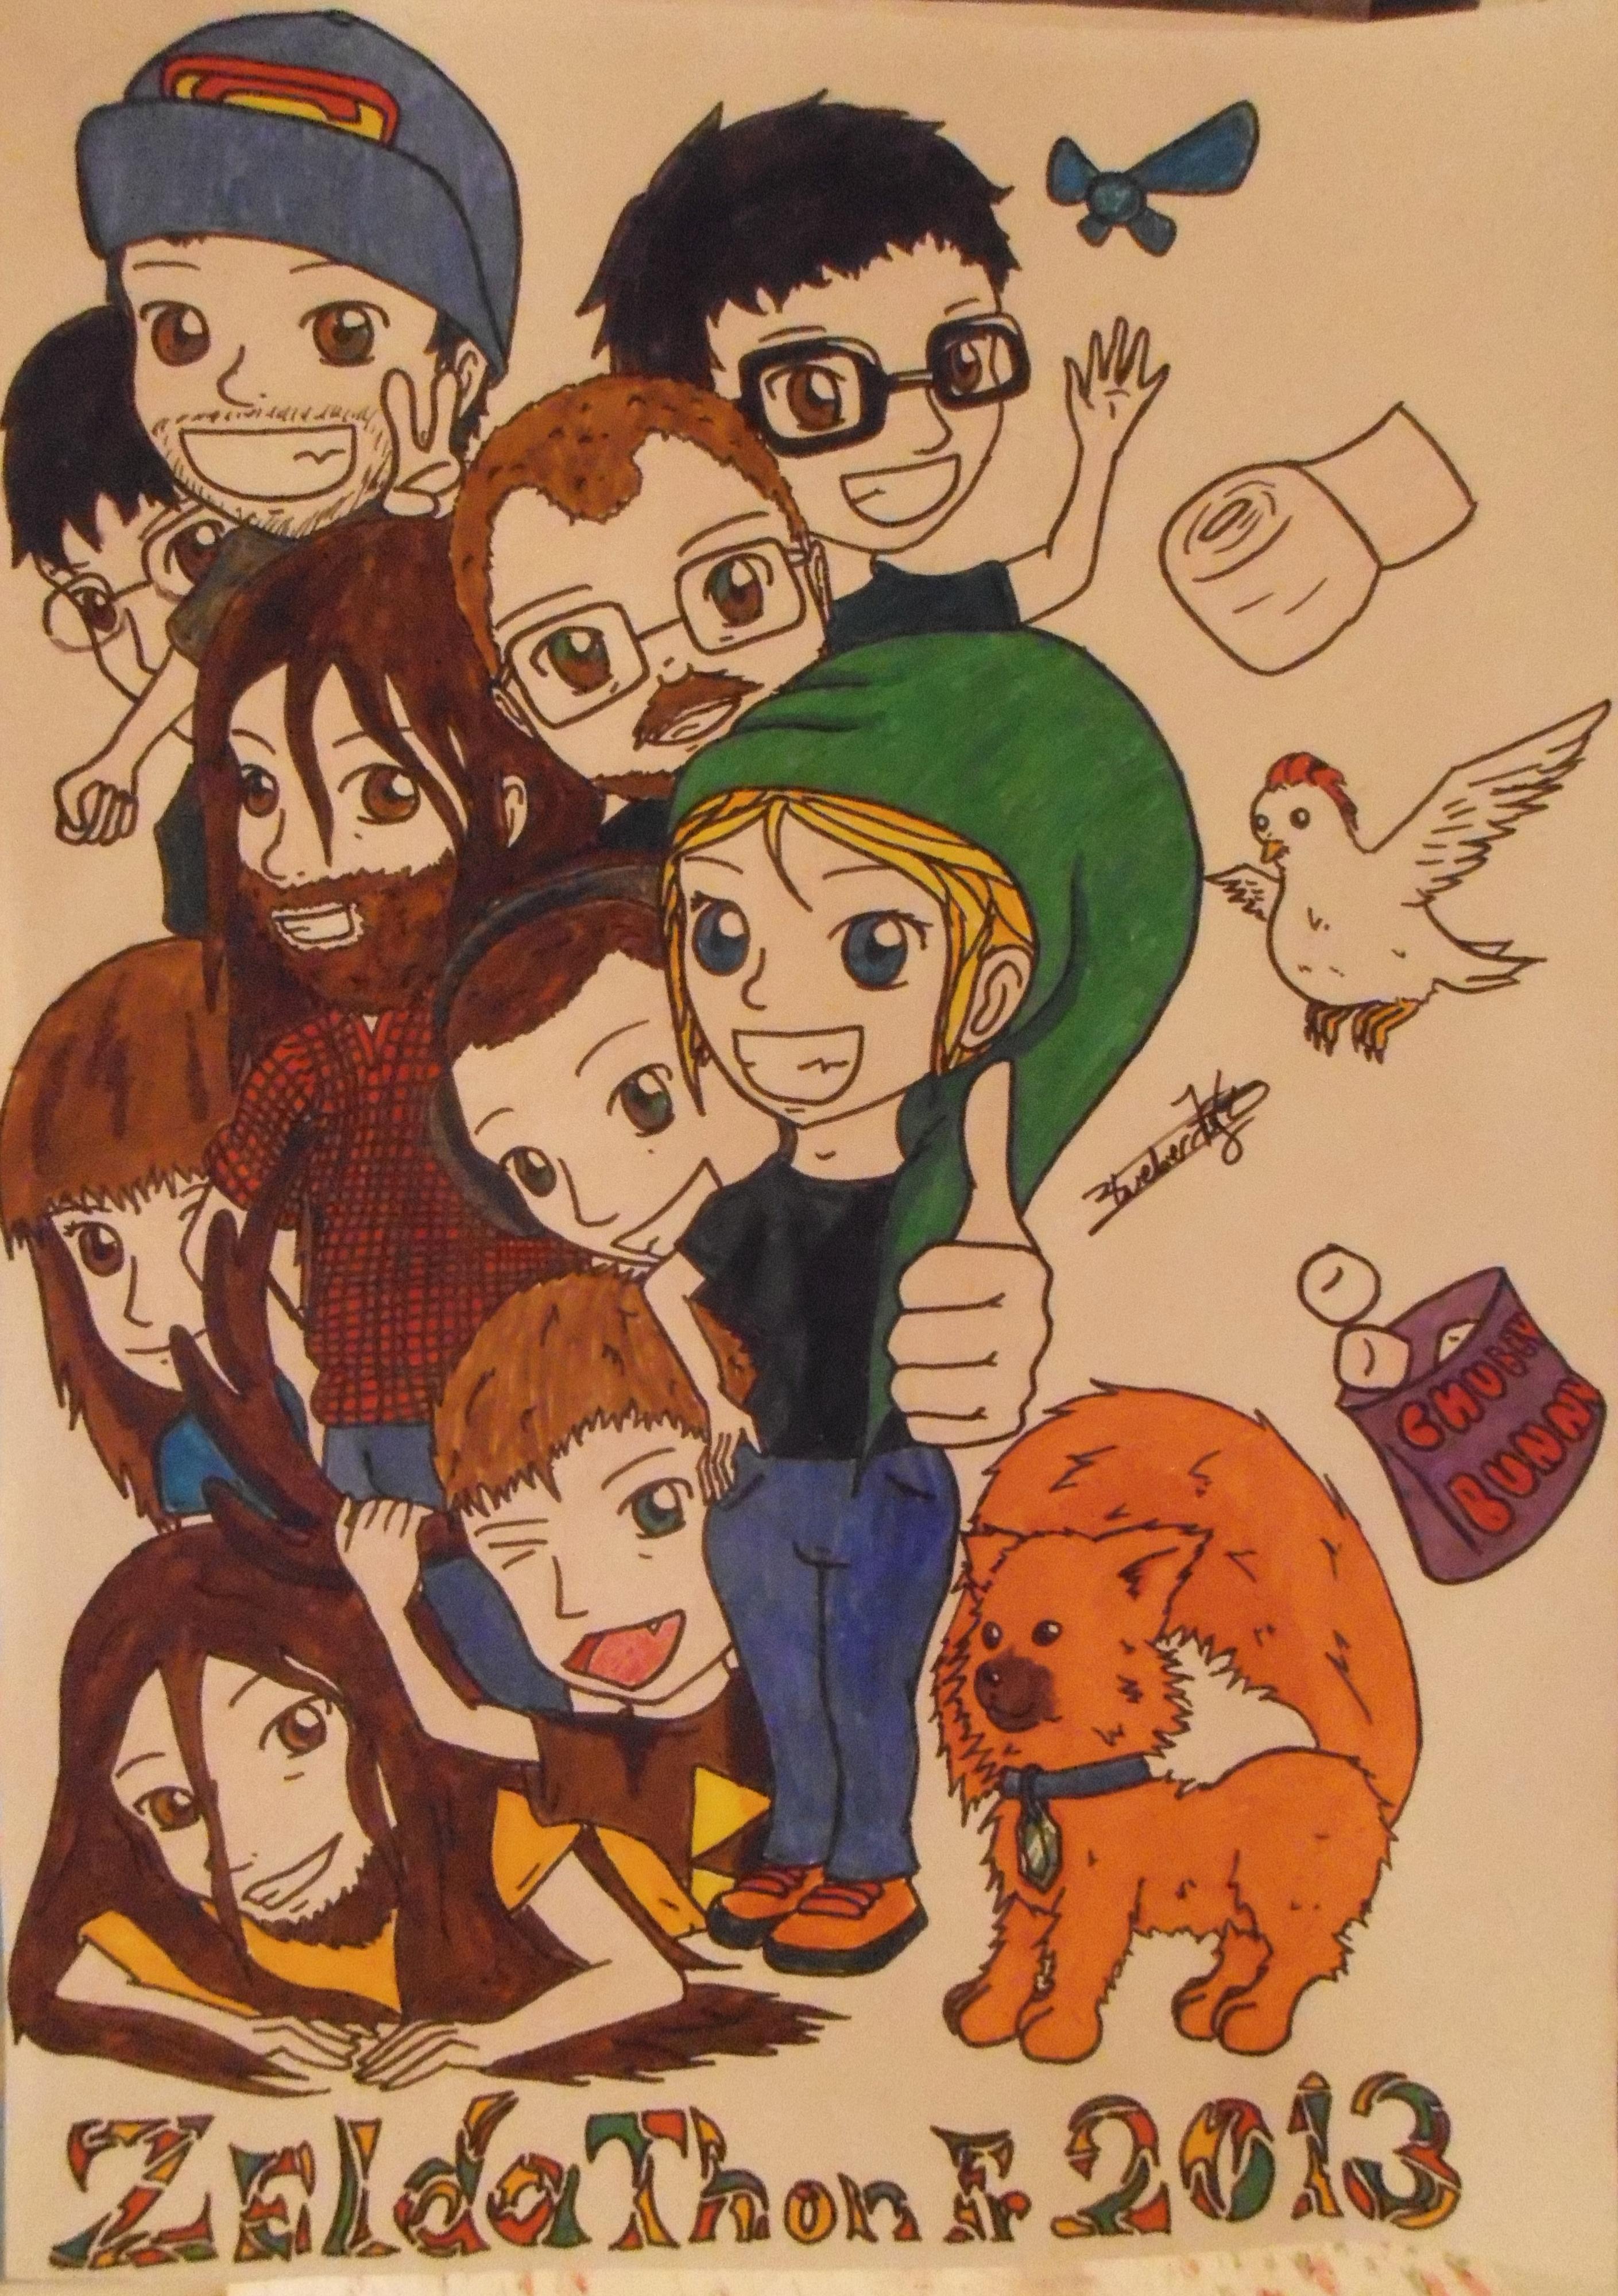 Mes dessins sur Zelda et autres sagas Nintendo 238553FanartZeldathon